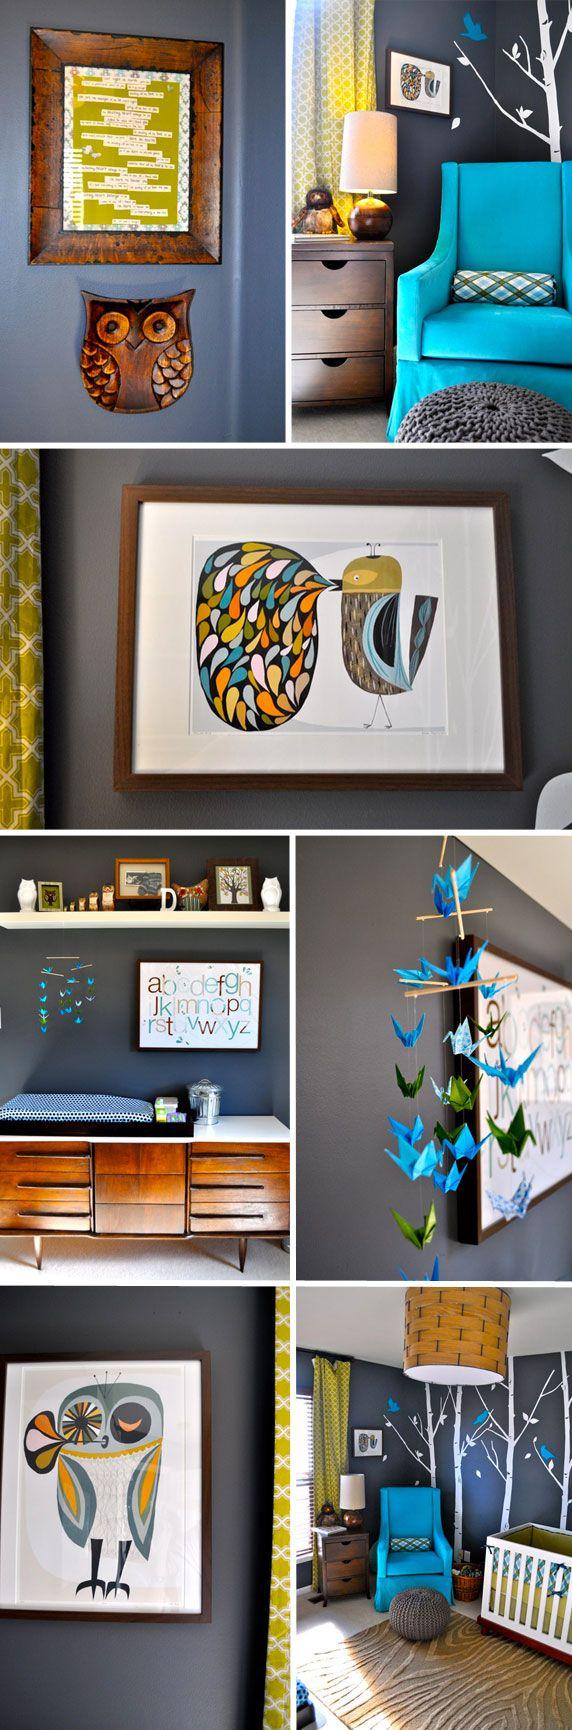 best bb idées déco et bricolage chambre images on pinterest